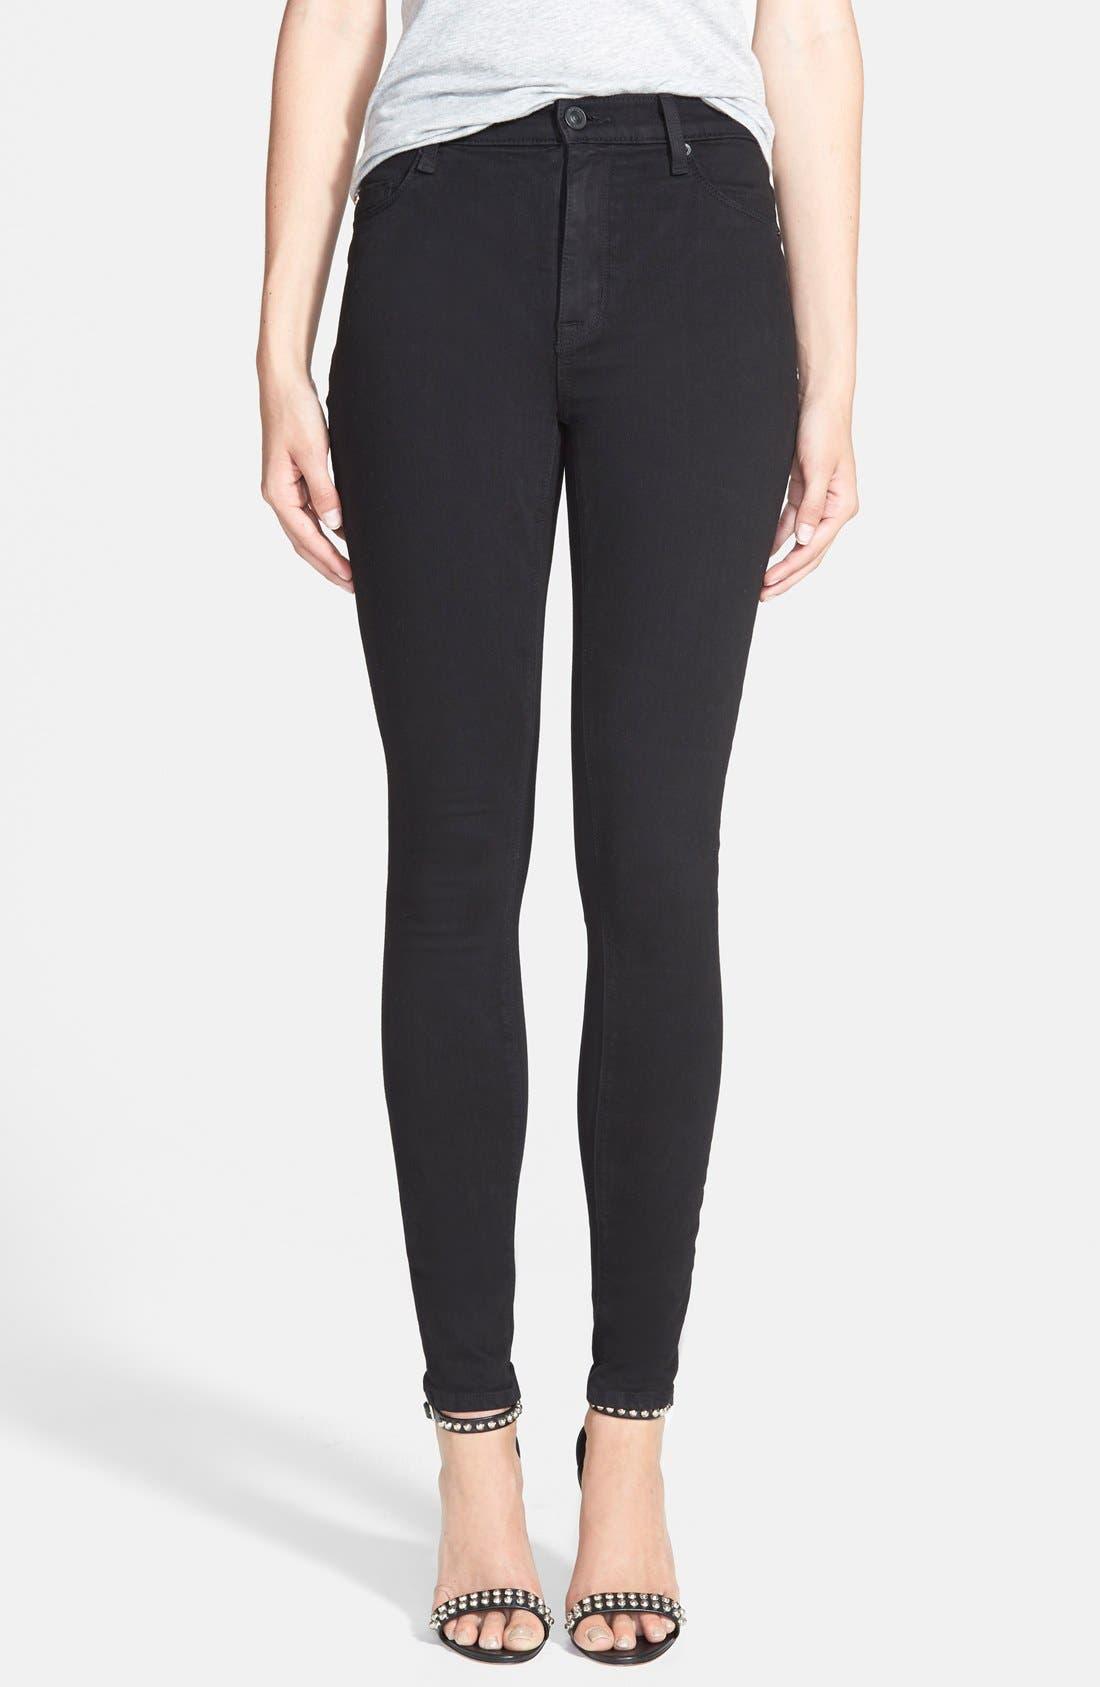 Main Image - Hudson Jeans Barbara High Waist Skinny Jeans (Black)